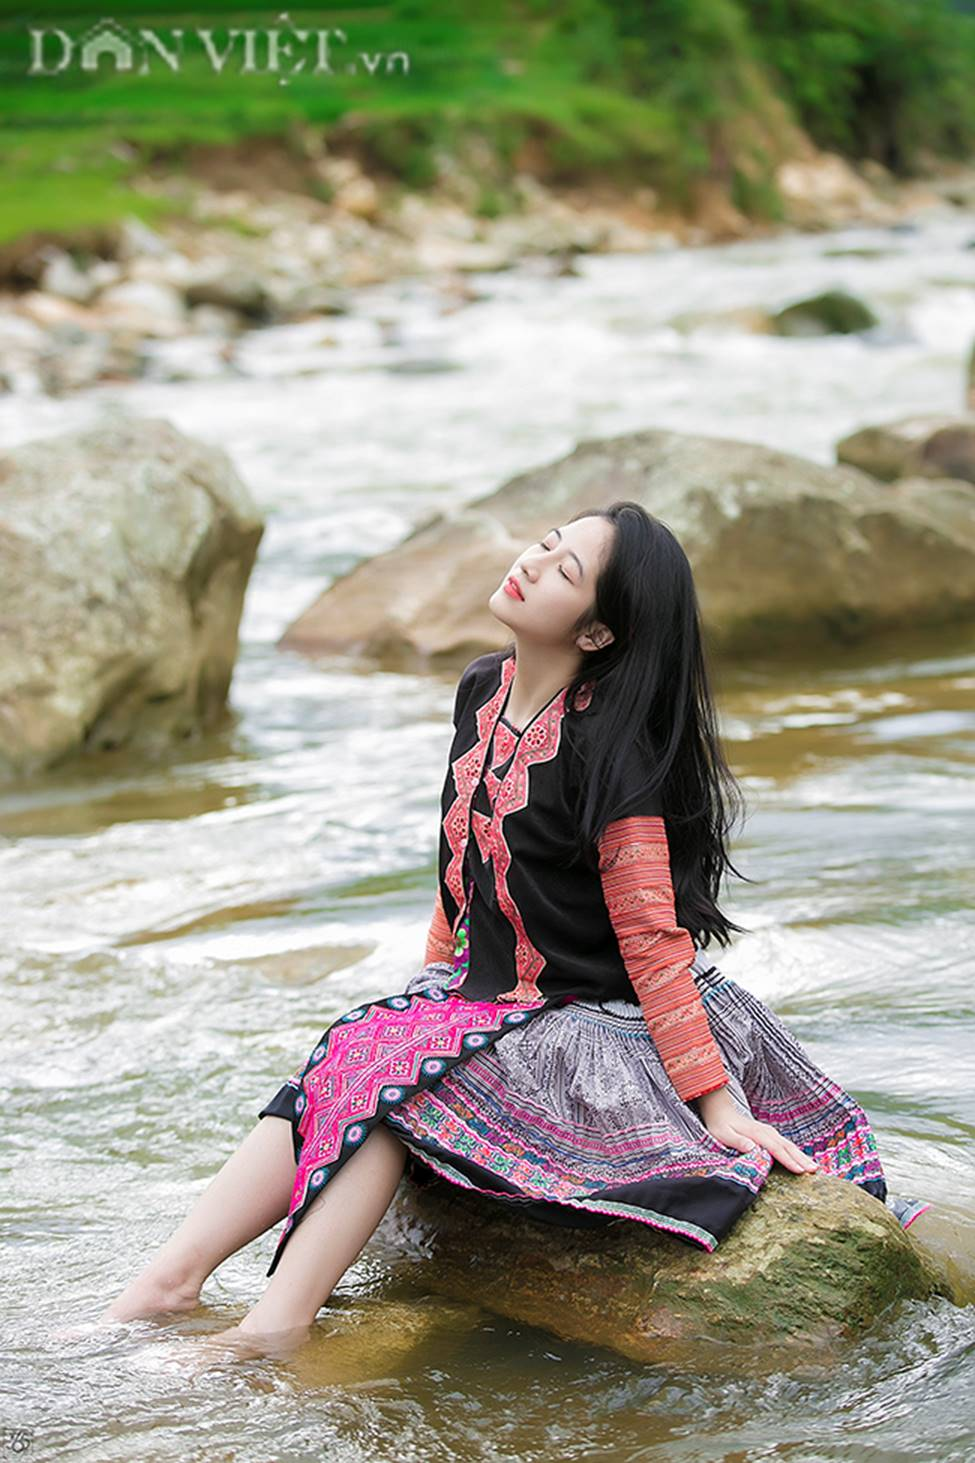 Vẻ đẹp tinh khiết của Hoàng Thùy Linh 9X thay thế hot girl Trâm Anh-7